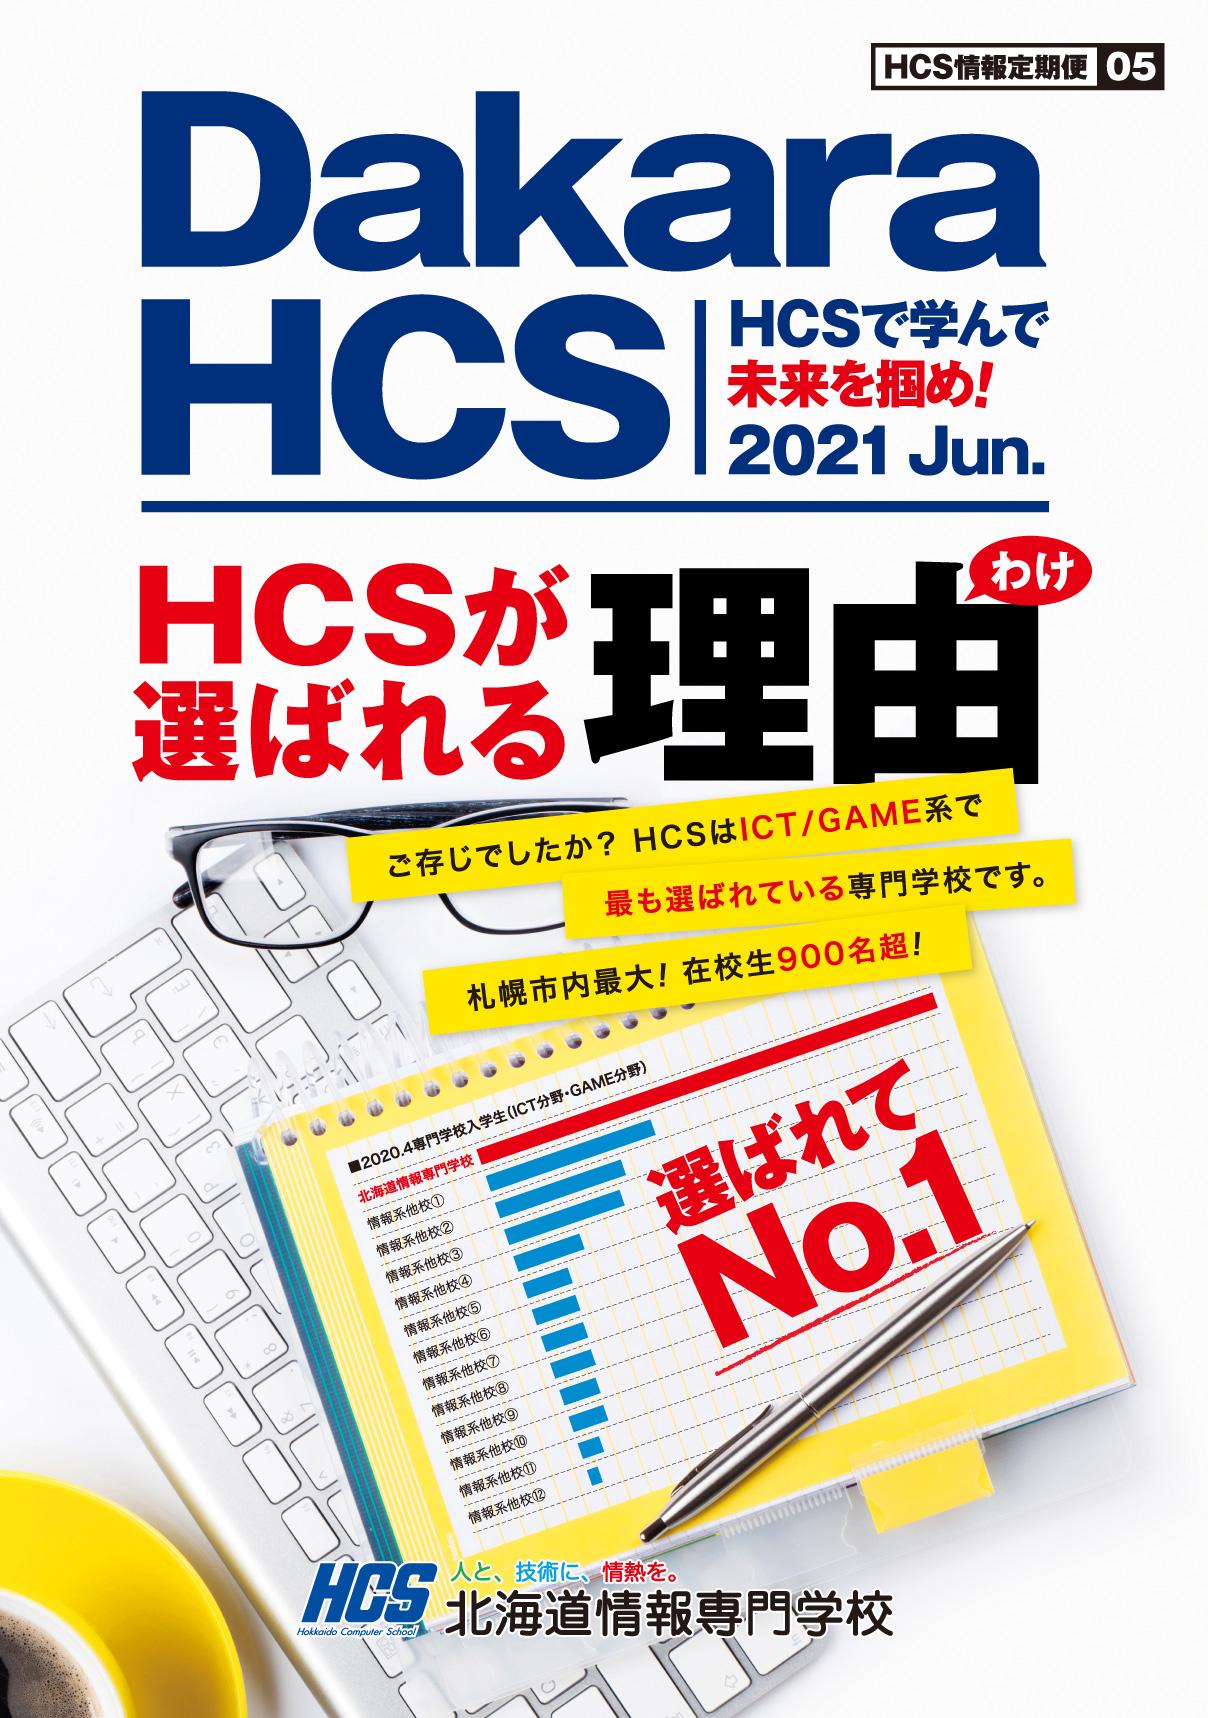 Dakara HCS 2021 Jun.